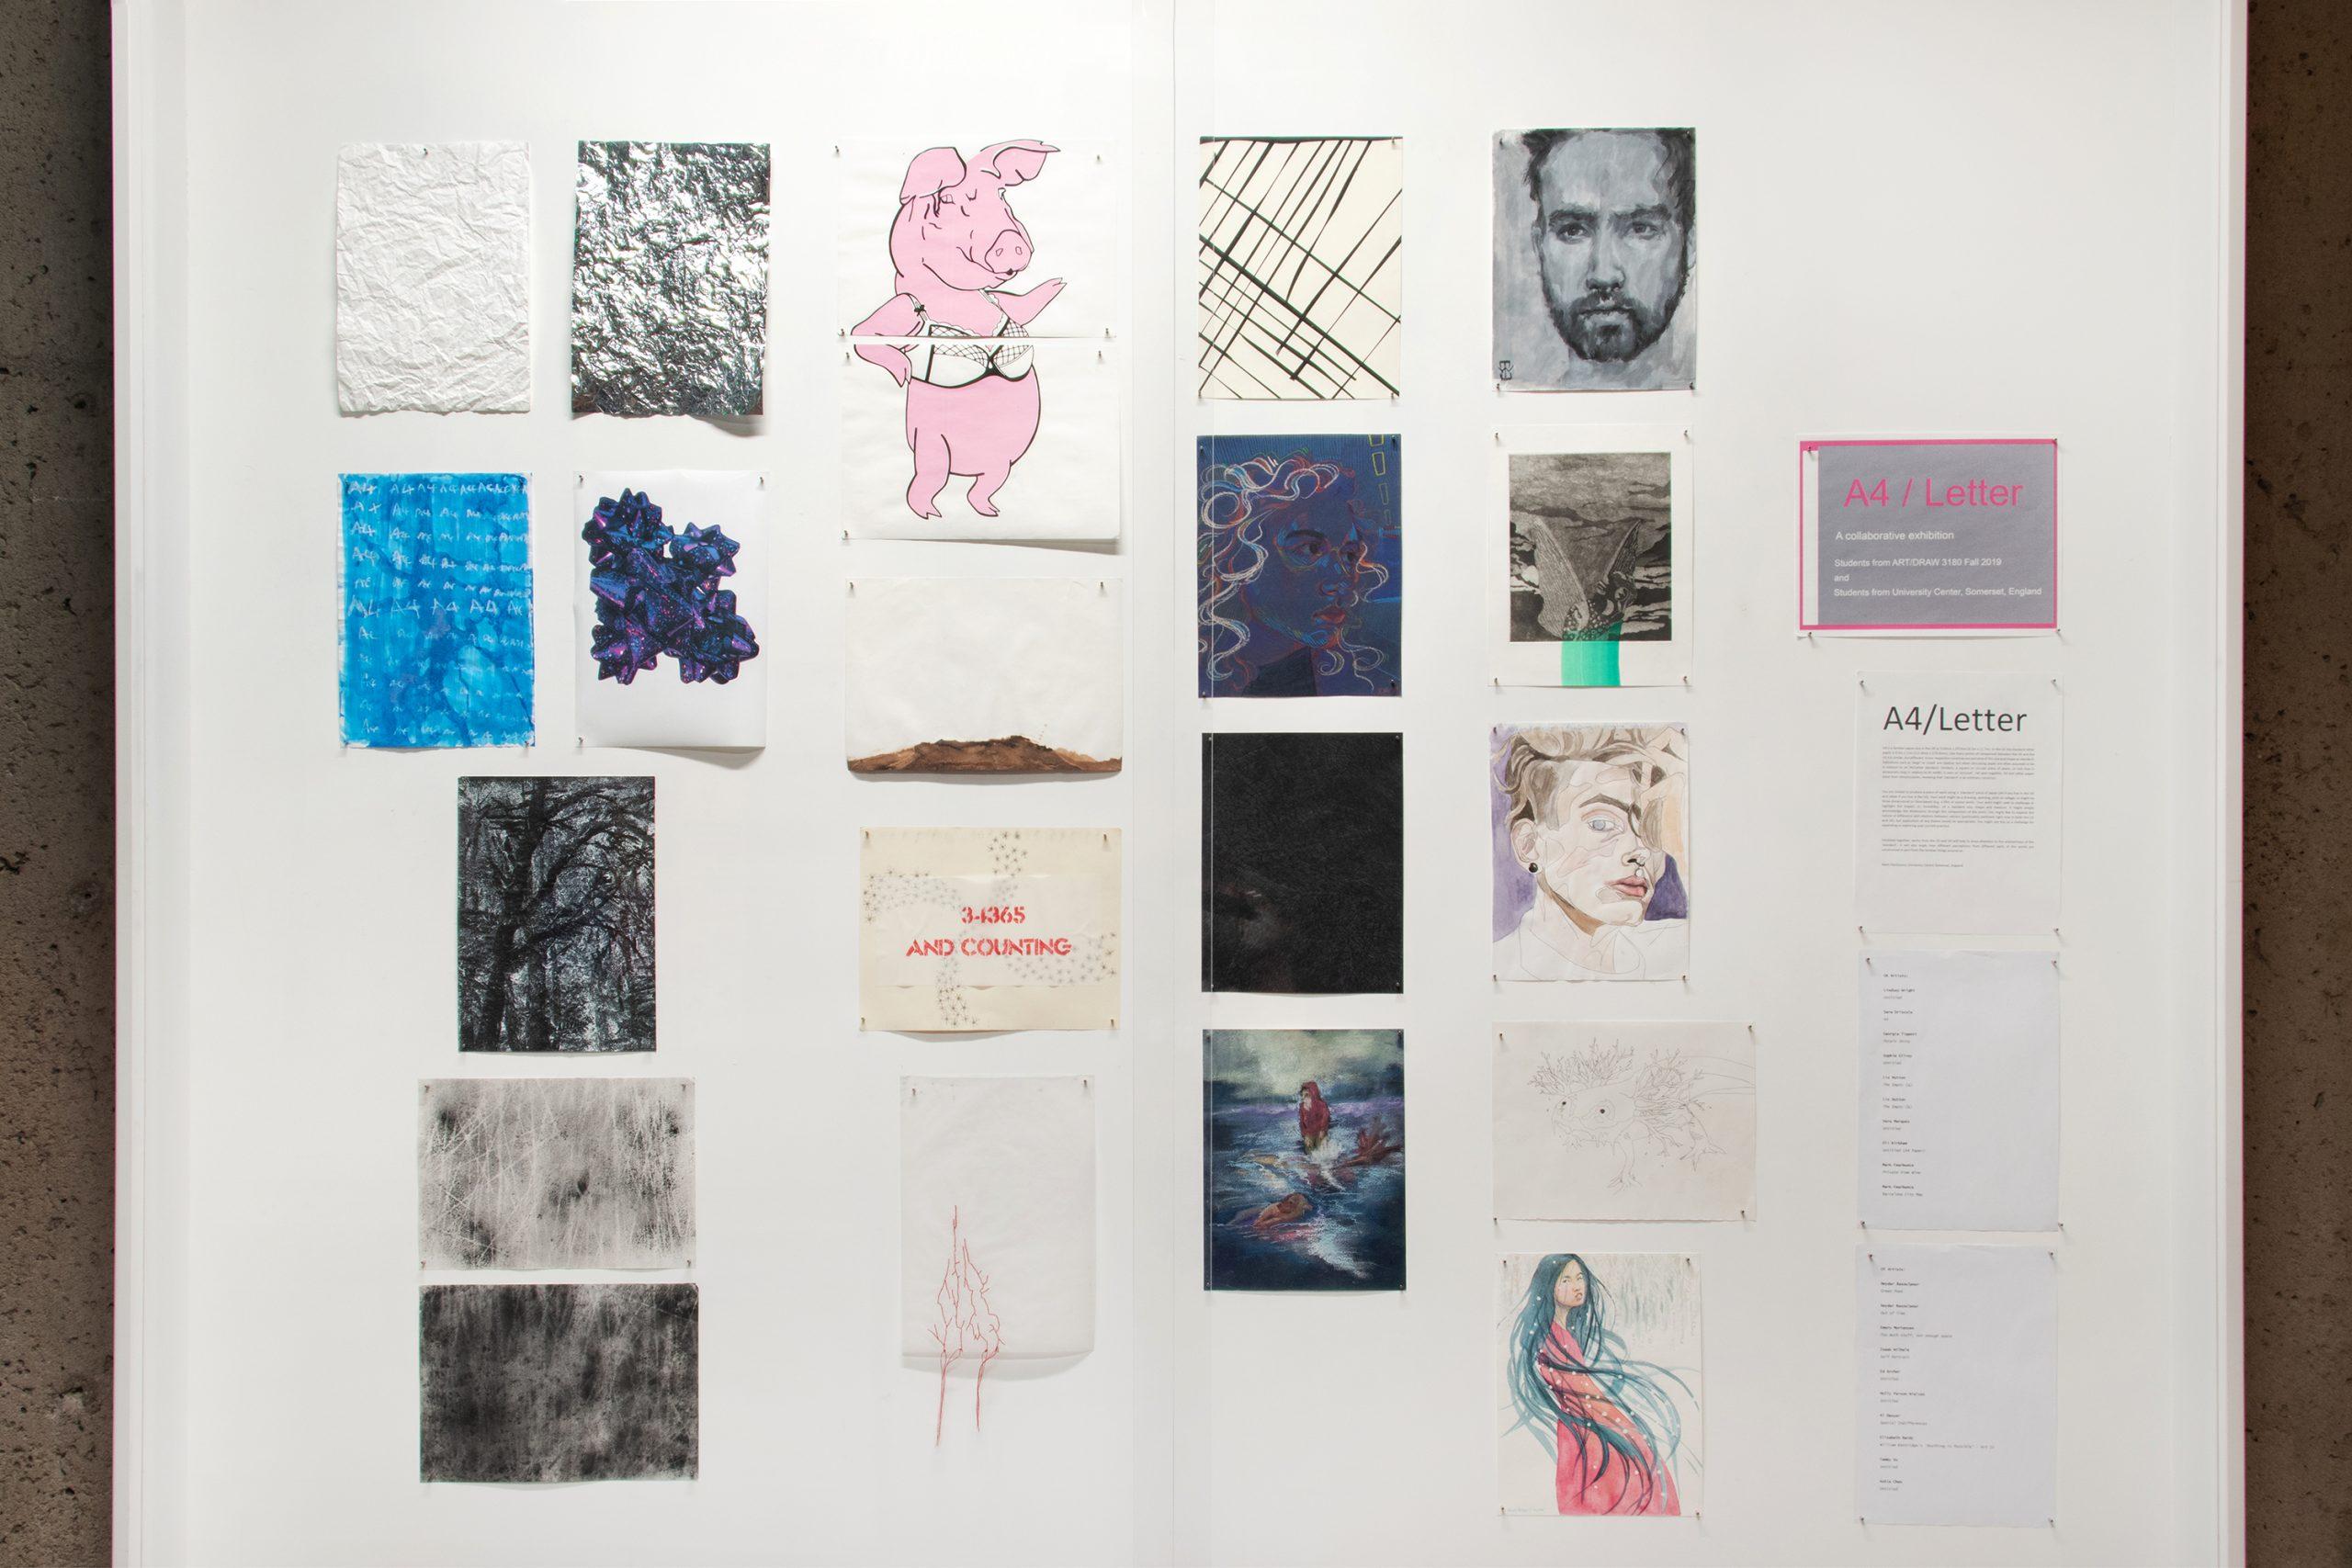 A4 Letter Exhibition